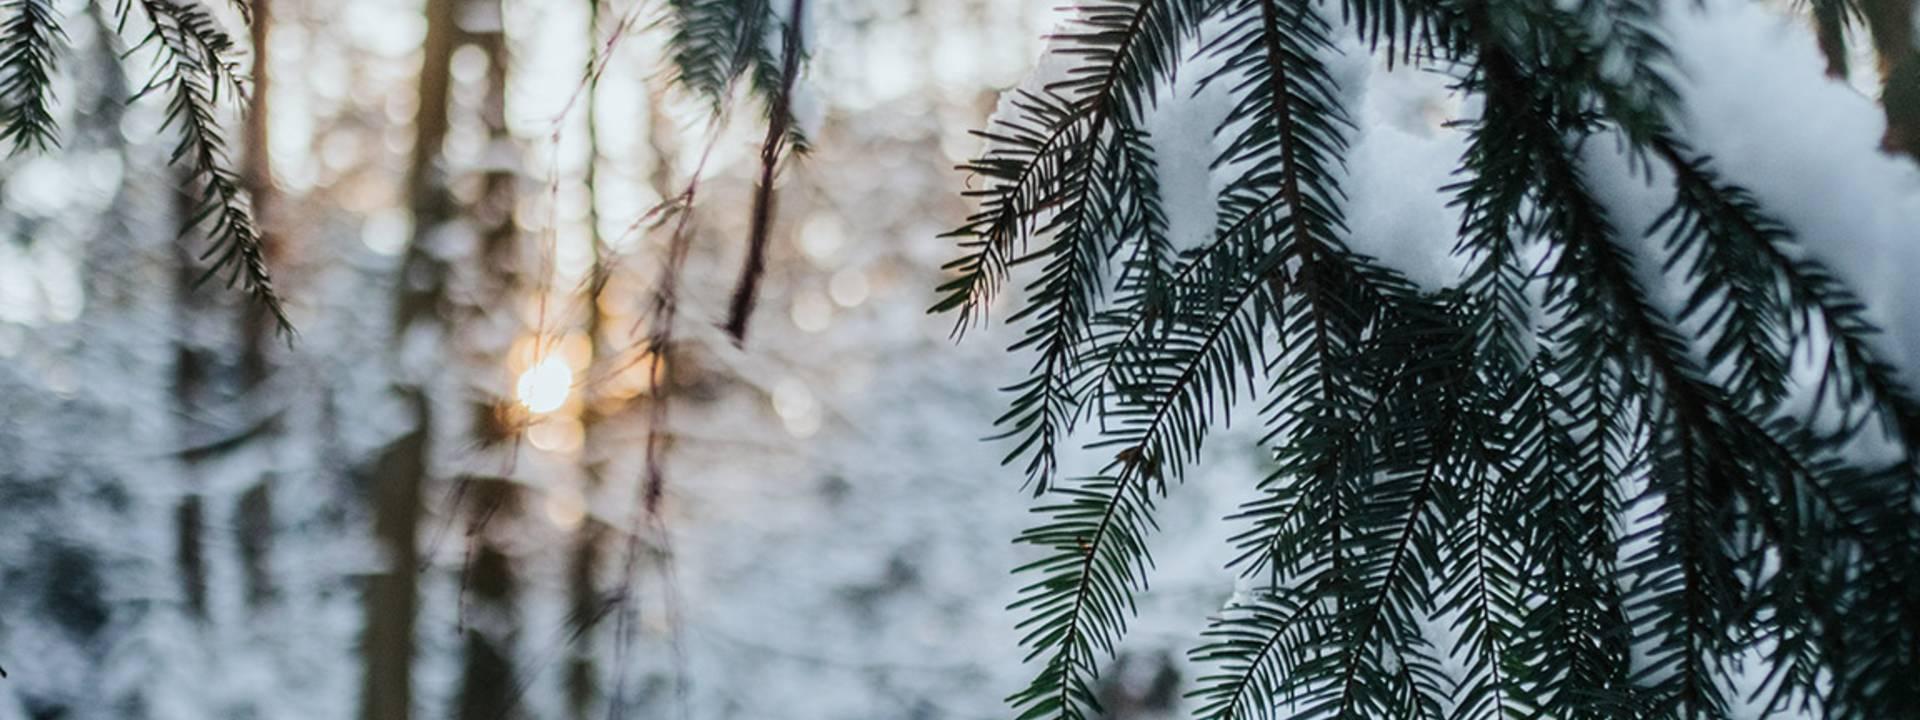 Randonnée Vosges - Randonnée en hiver - Sortie raquette - Circuit de randonnée